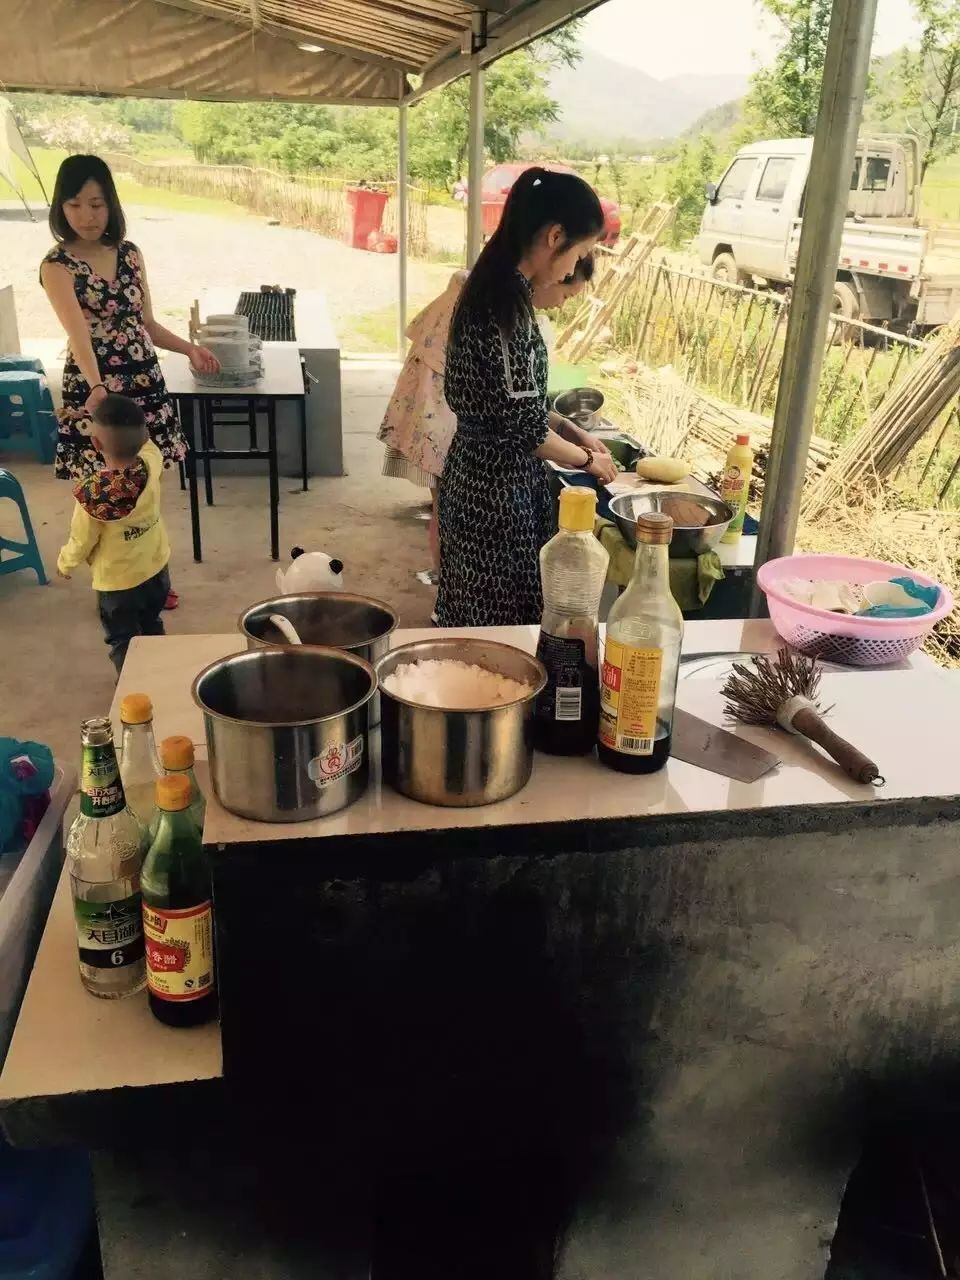 【广电小主播】5月20日||5月21日 挤羊奶、做奶皂、竹筒饭、大锅饭、采茶、炒茶、亲子游戏······